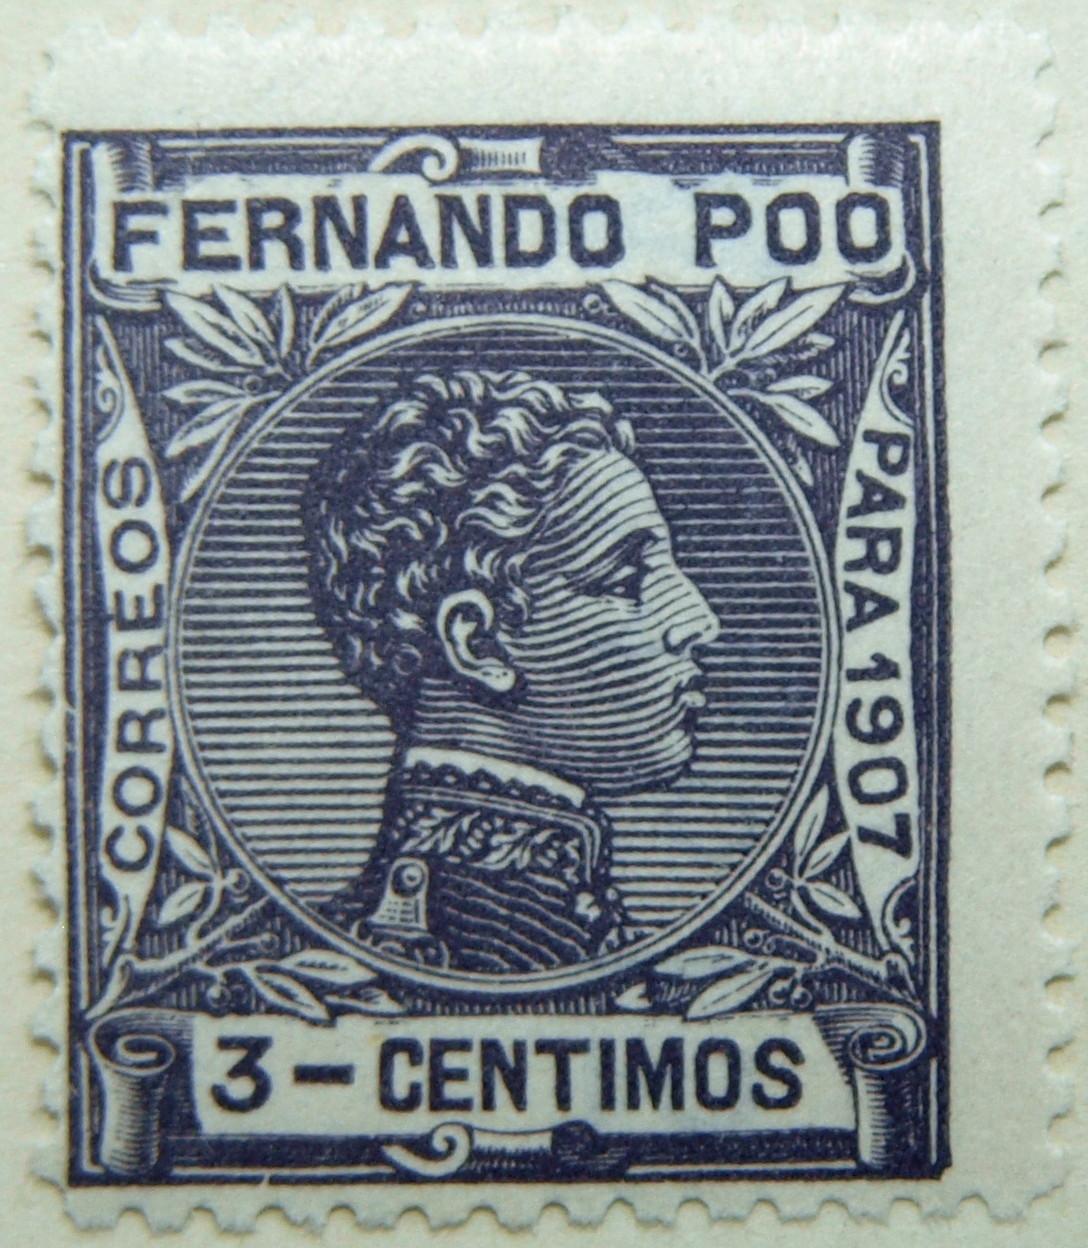 Fernando Poo stamps